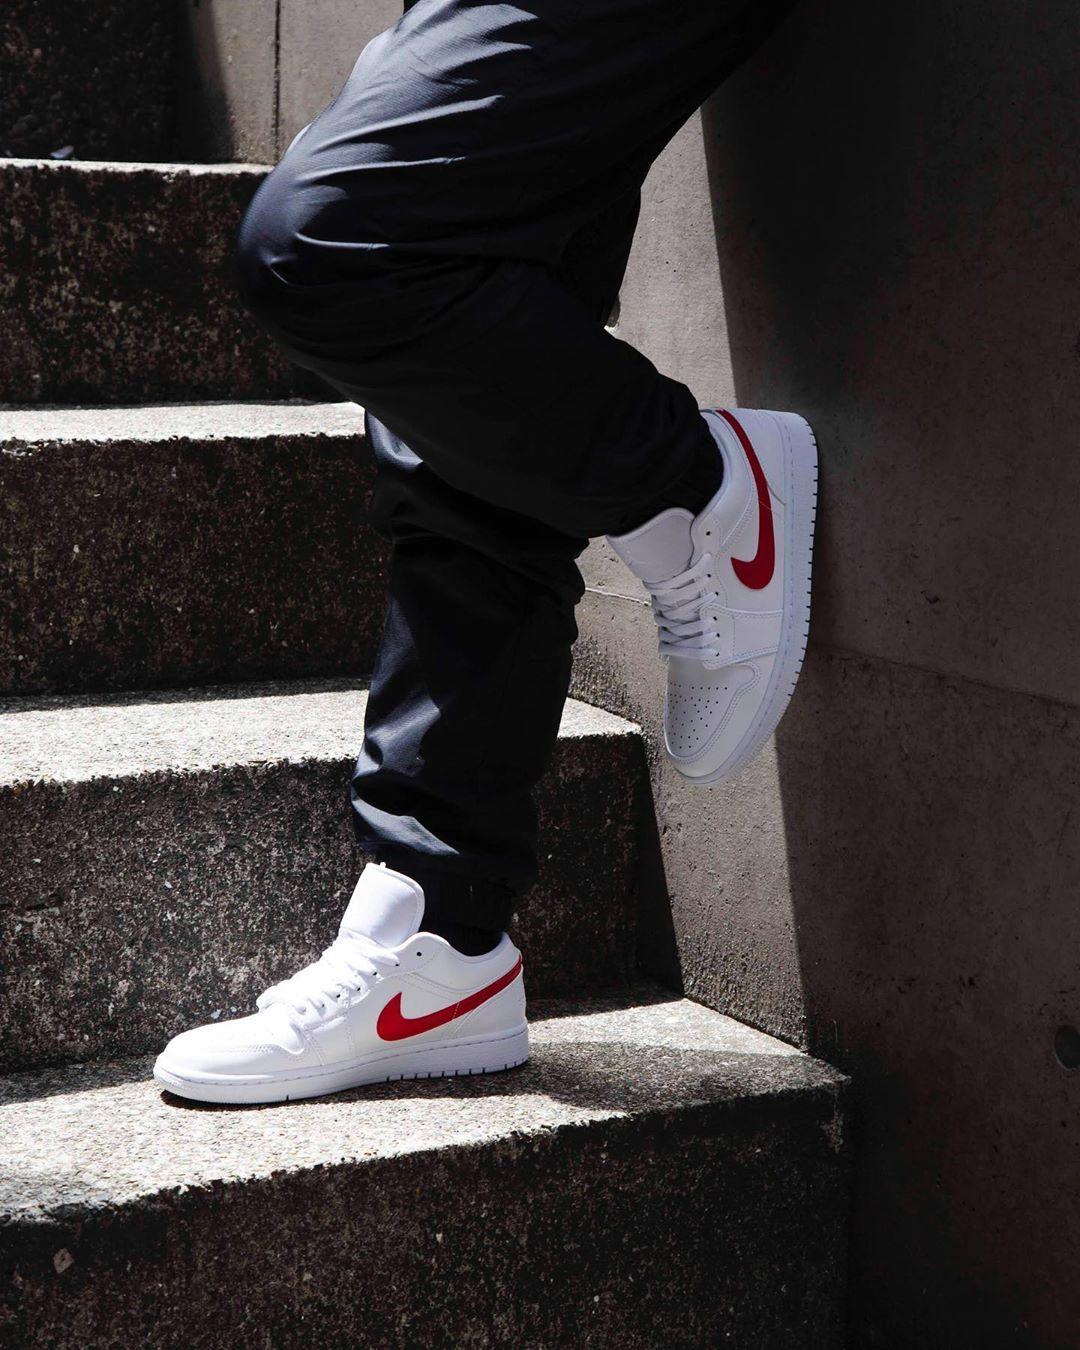 Nike Jordan sneakers women's shoes trends in 2020 in 2020 | Jordan shoes  for women, Womens fashion sneakers, Nike shoes jordans